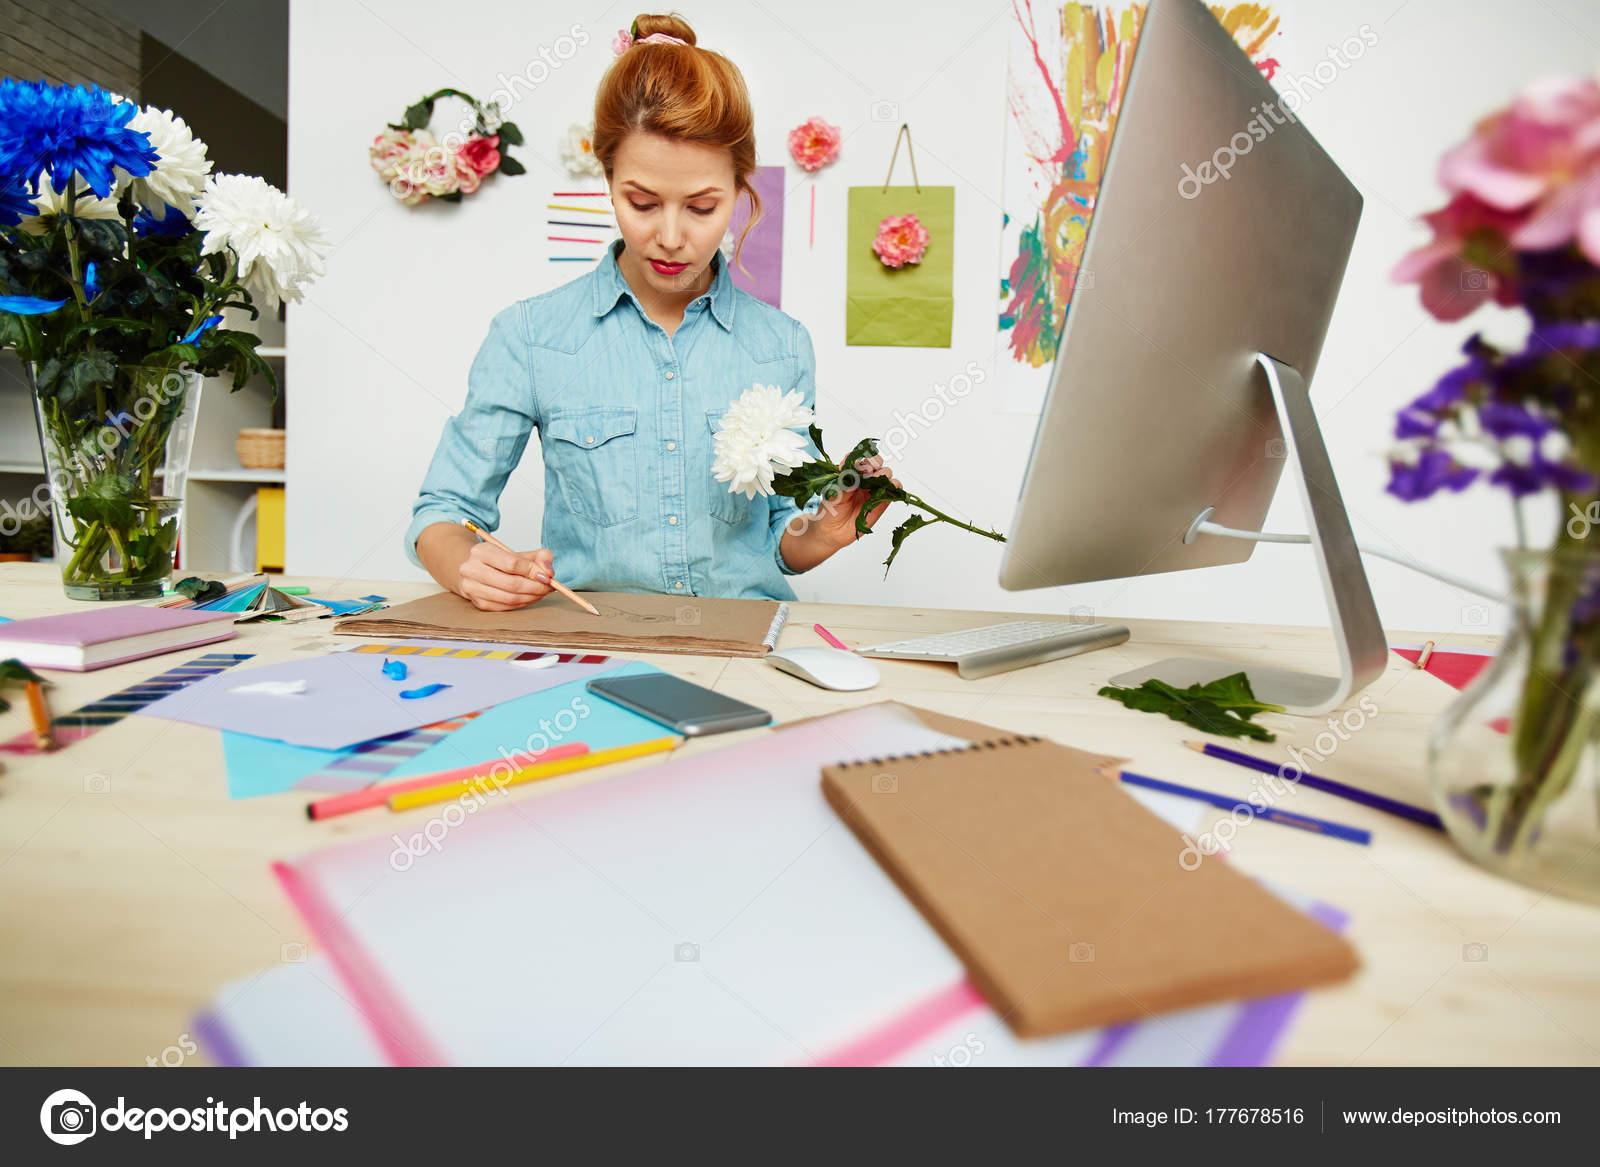 Capo Ufficio Disegno : Vita ritratto dell artista bella camicia denim disegno foto